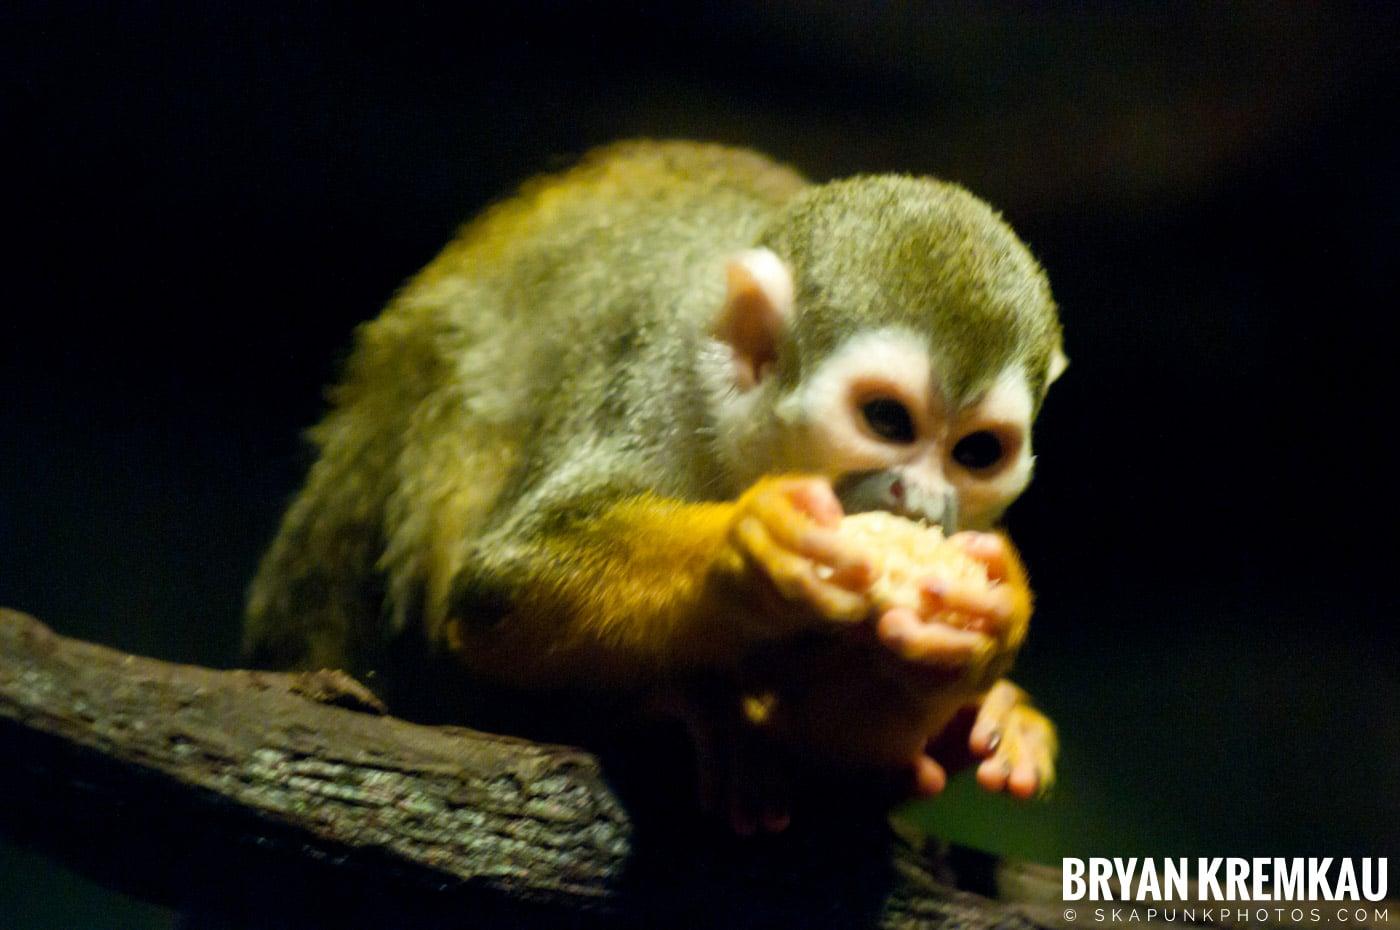 The Bronx Zoo @ Bronx, NYC - 5.7.11 (15)